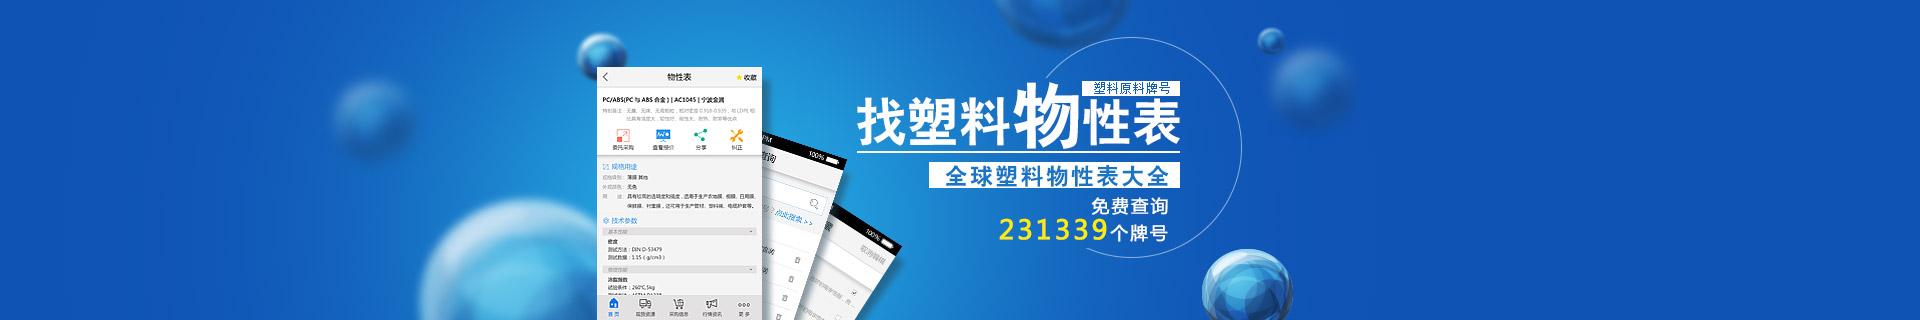 全球lehu6.vip乐虎国际物性表大全 免费查询231339个牌号